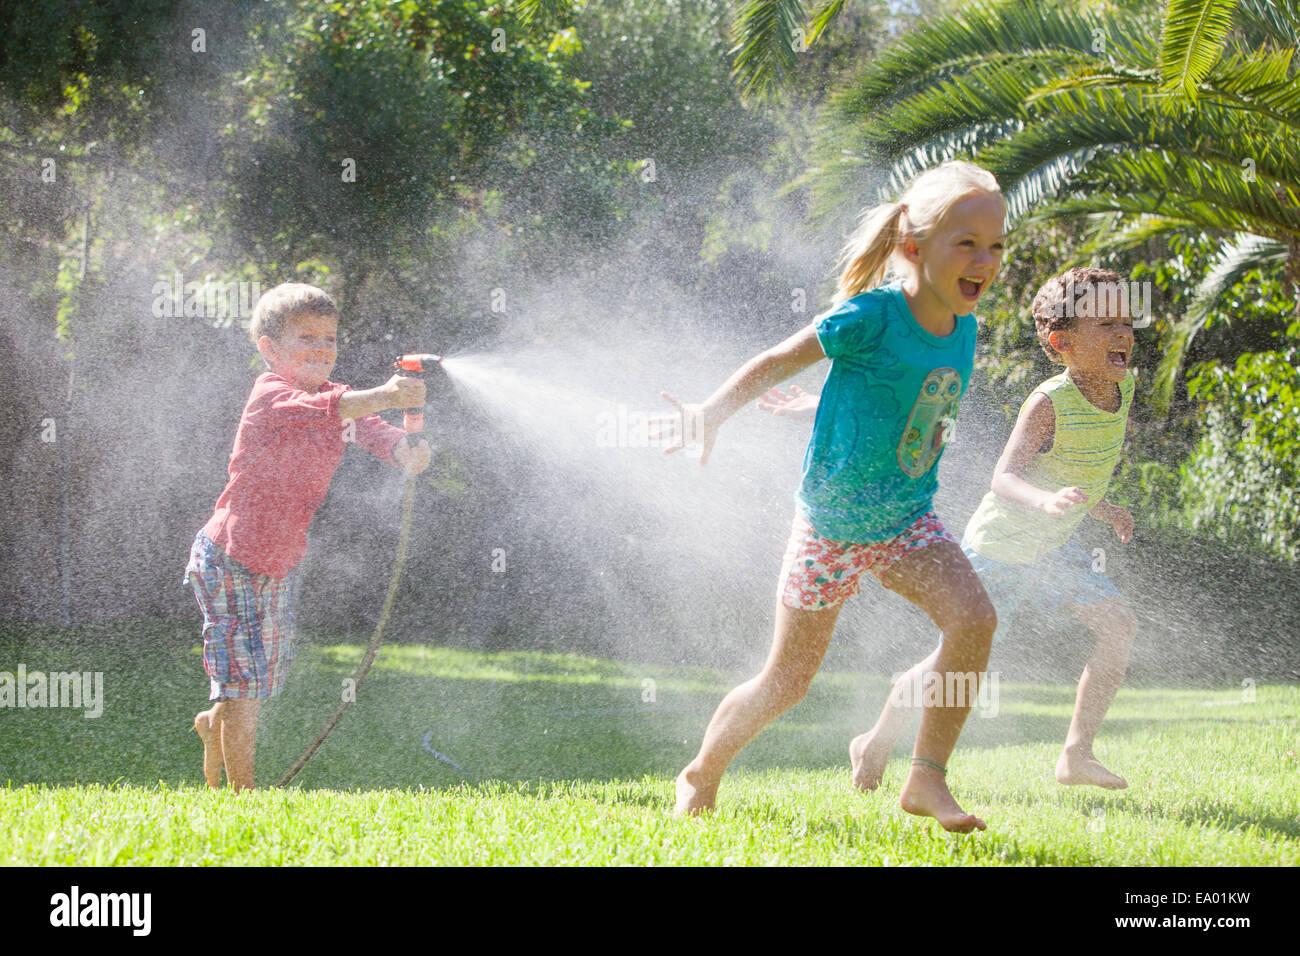 Trois enfants en jardin chassant les uns les autres avec water sprinkler Banque D'Images